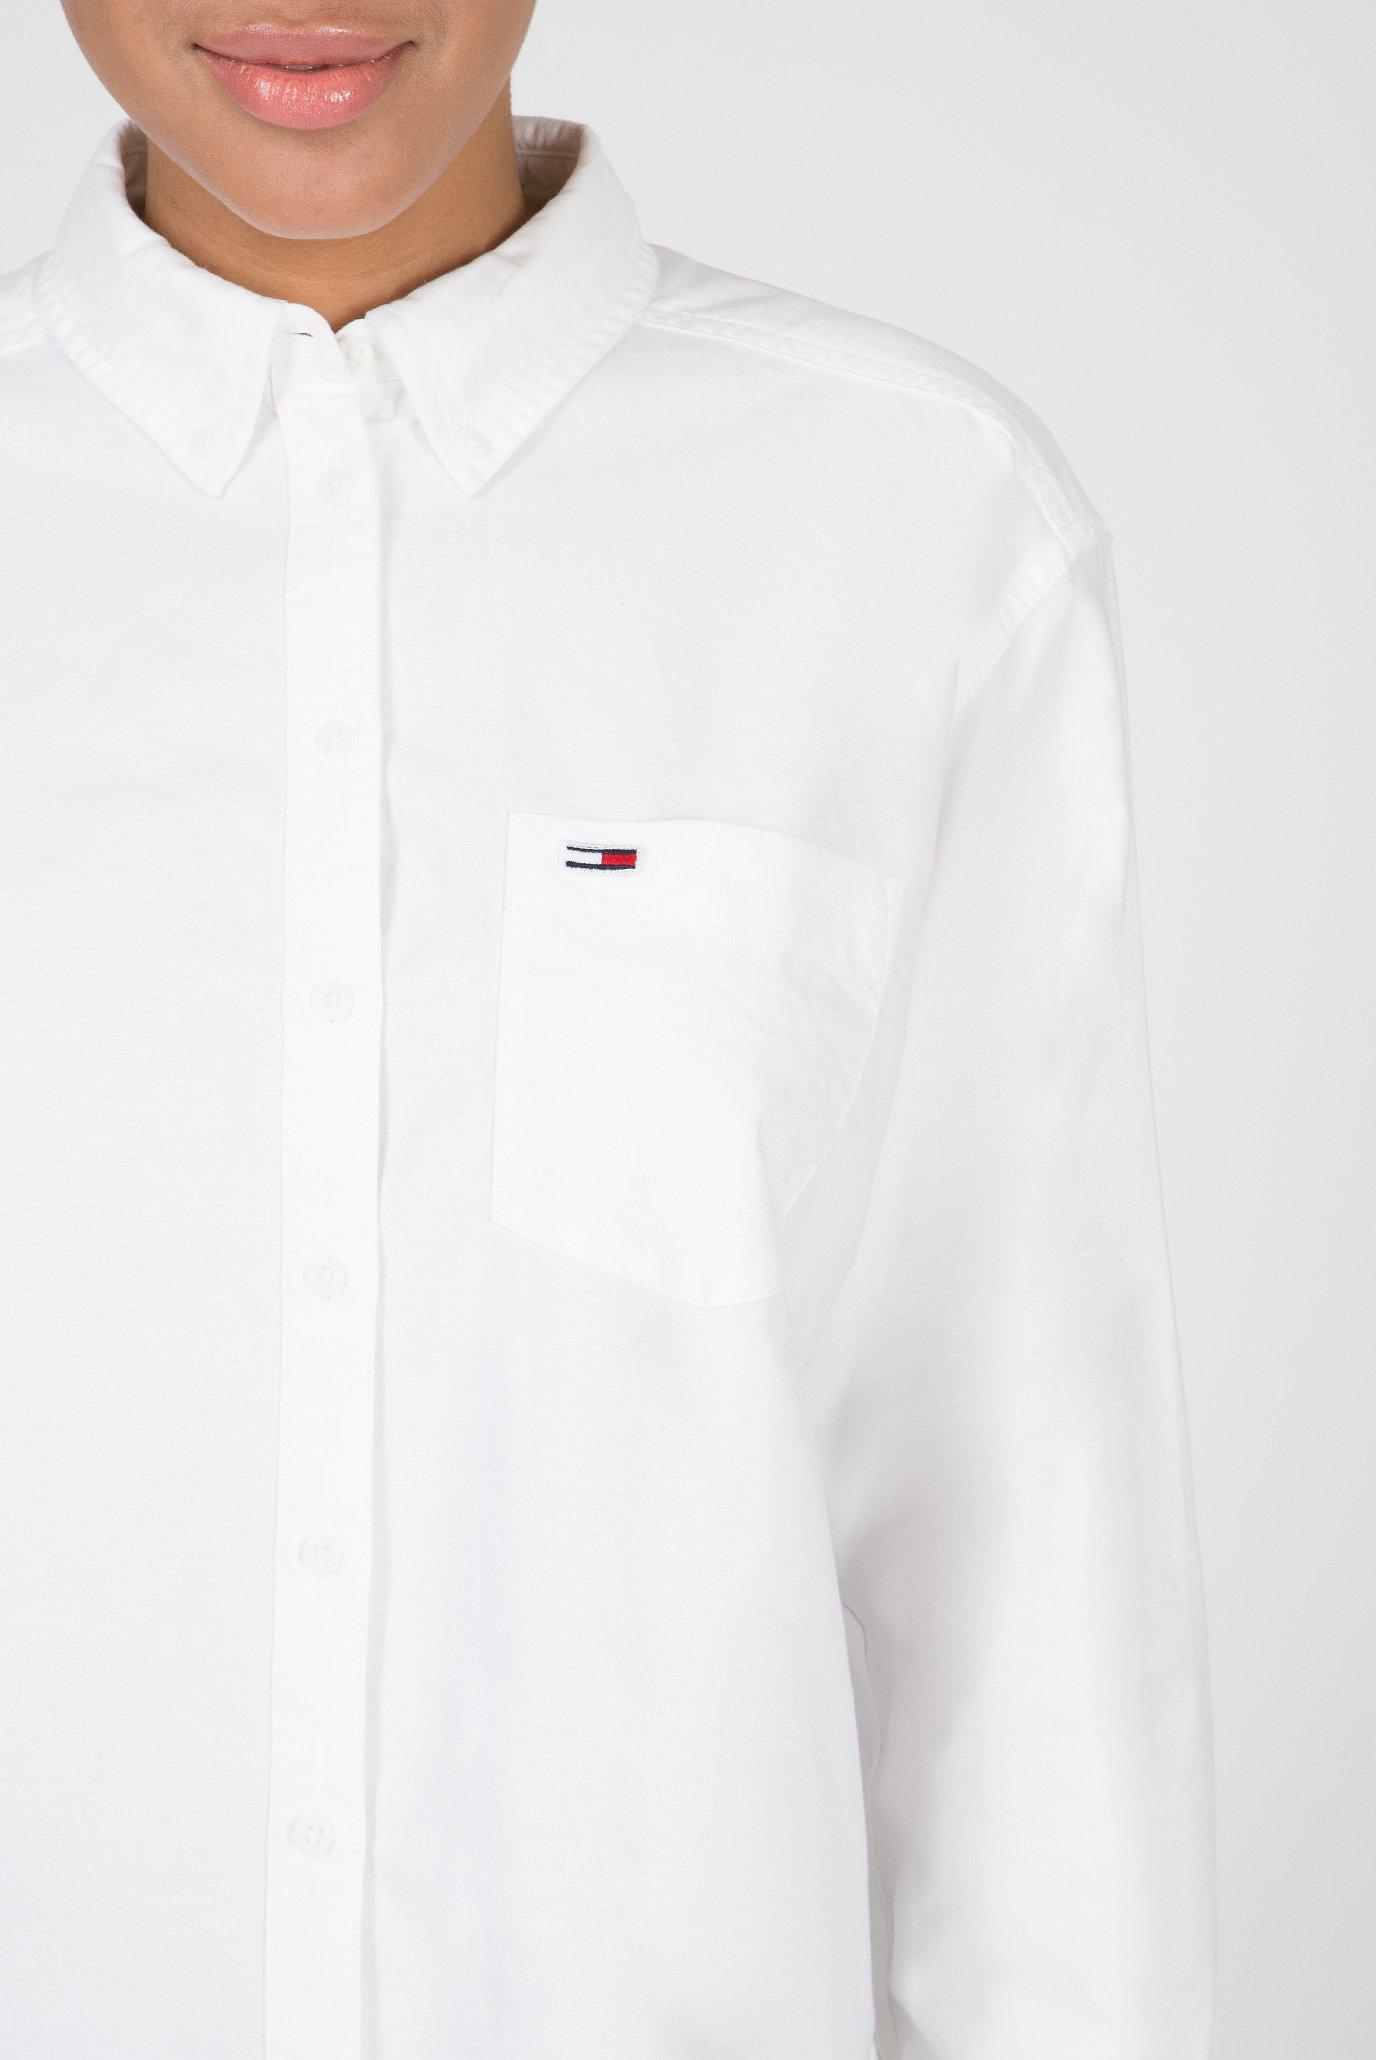 Купить Женская белая рубашка TJW CLASSICS Tommy Hilfiger Tommy Hilfiger DW0DW06511 – Киев, Украина. Цены в интернет магазине MD Fashion